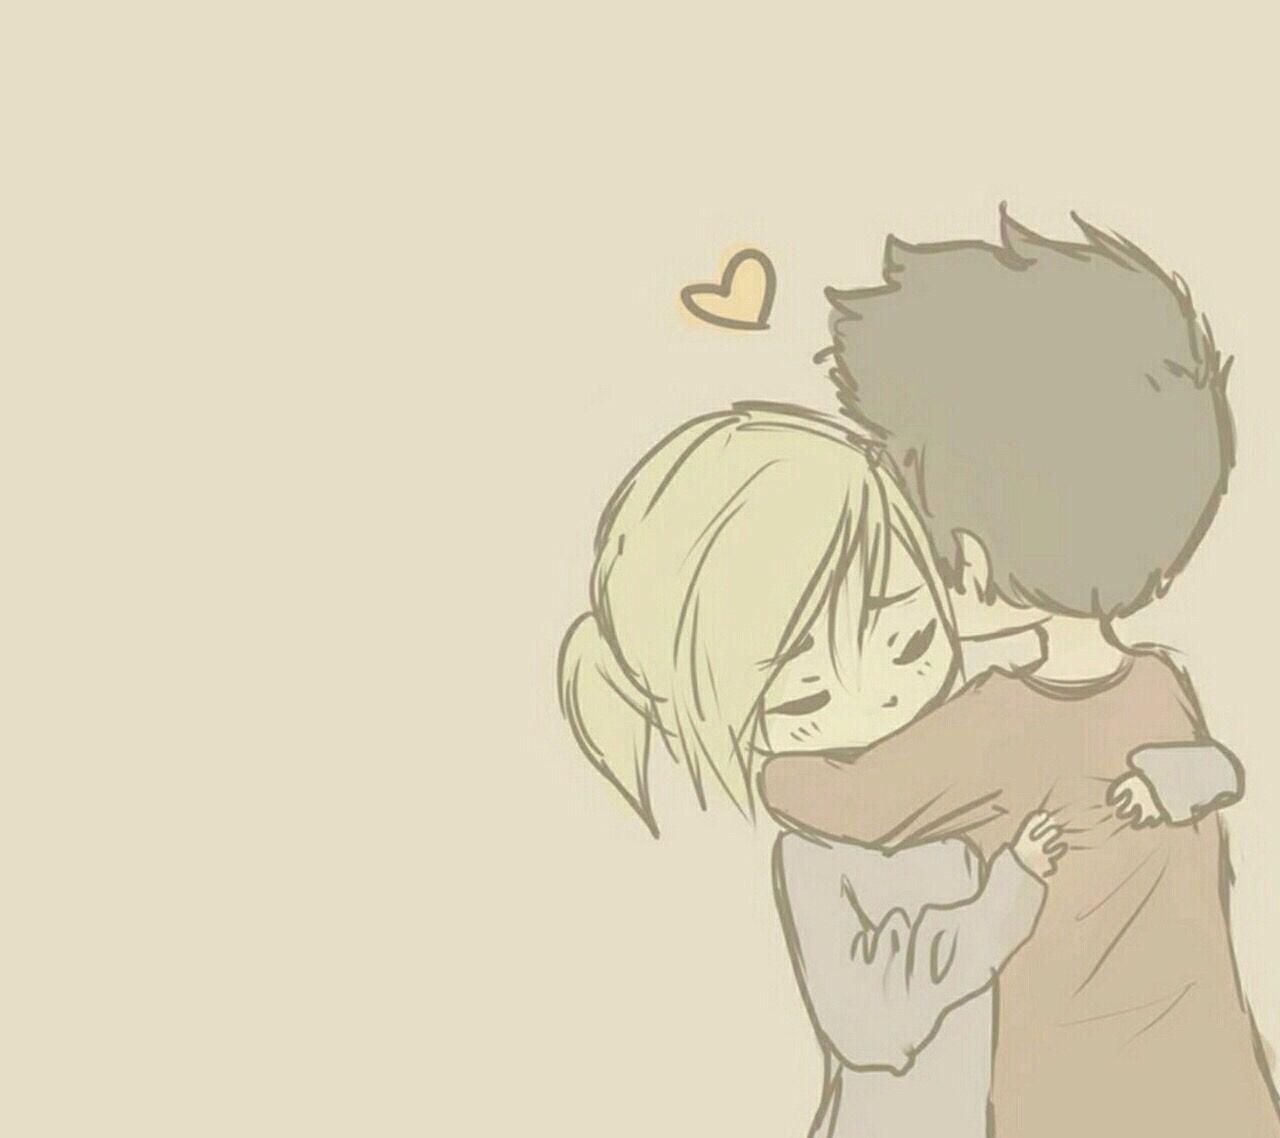 Un Chico Arrogante Dibujos De Parejas Enamoradas Dibujos De Abrazos Parejas De Anime Abrazandose